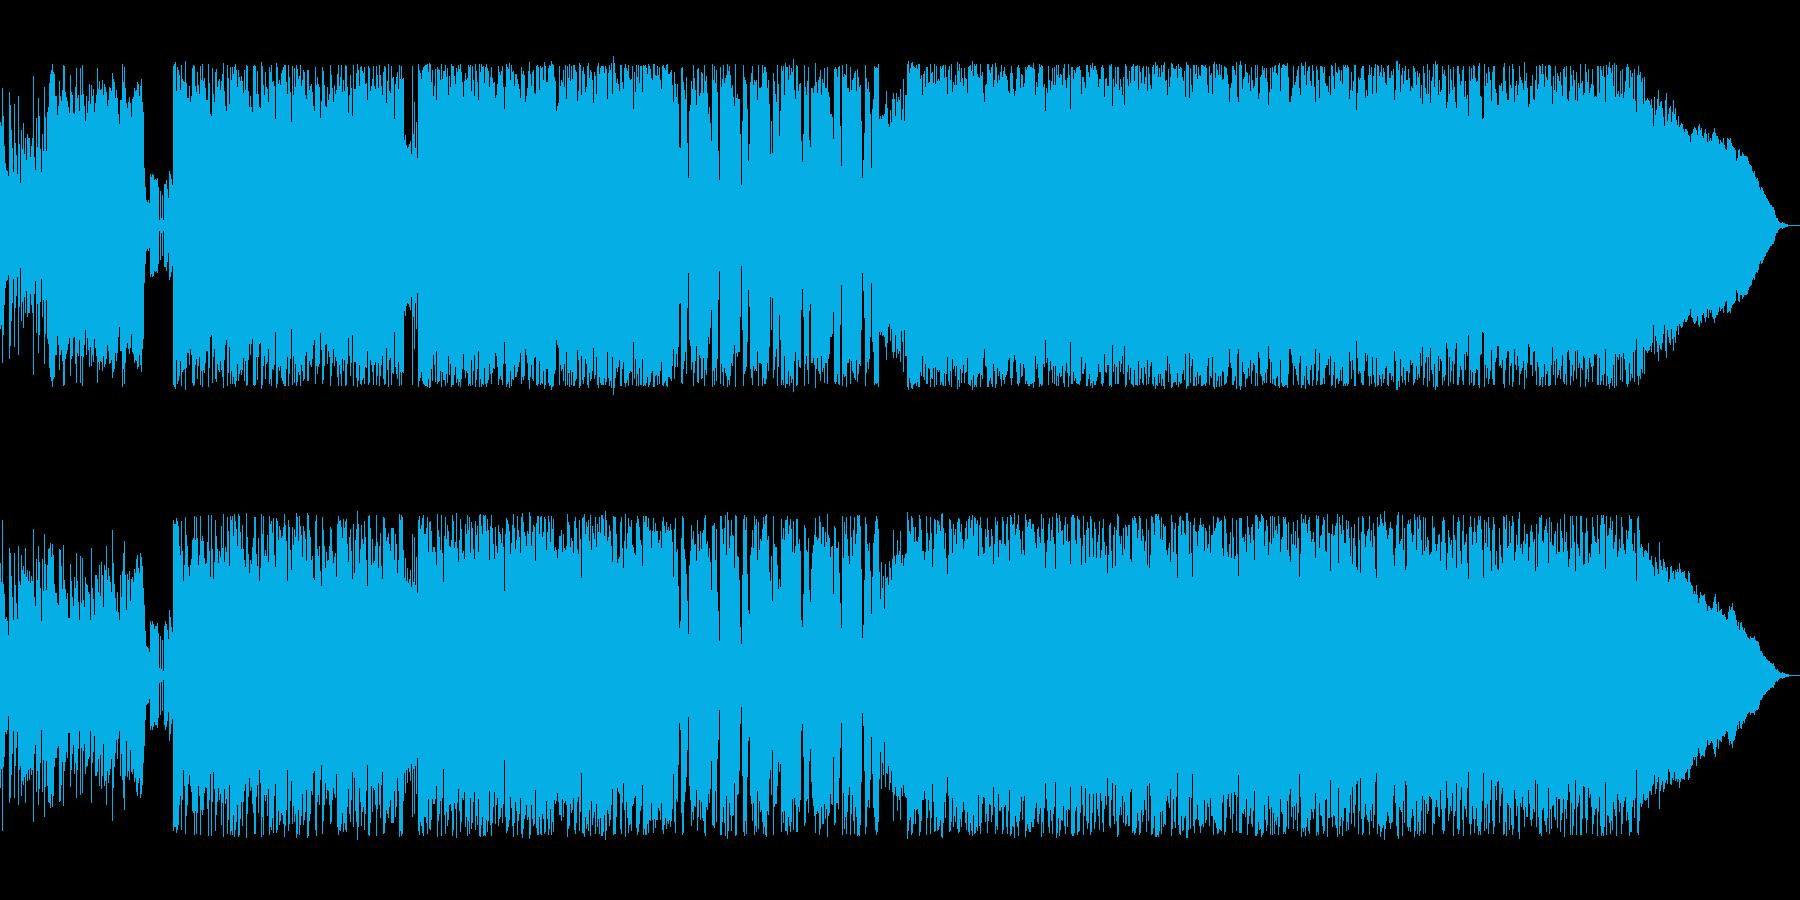 ドラムが炸裂するハードロックの再生済みの波形